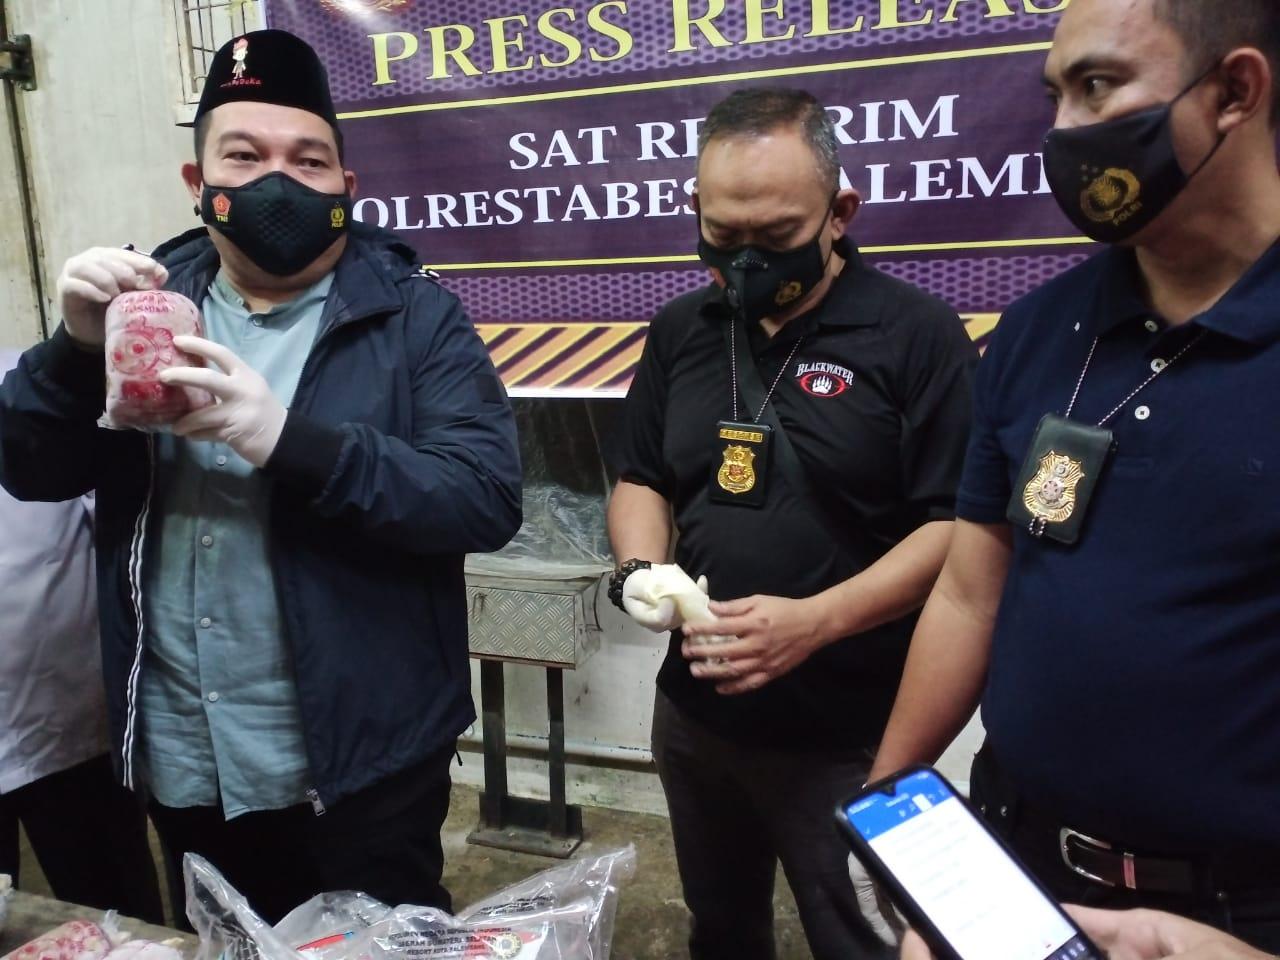 Kapolrestabes Palembang, Kombes Pol Irvan Prawira Satyaputra didampingi Kasat Reskrim, Kompol Tri Wahyudi dan Kanit Pidsus AKP Irwan